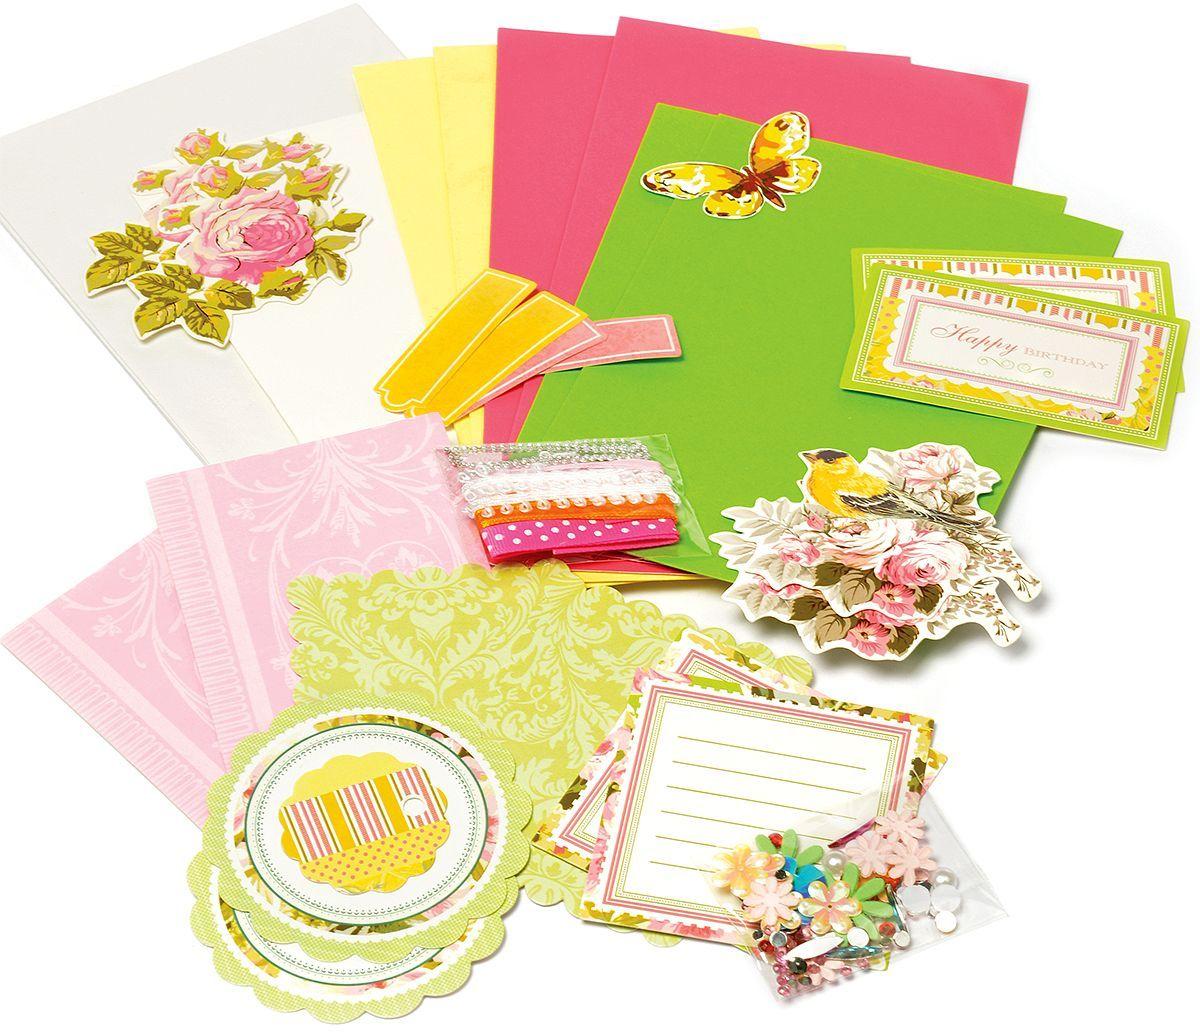 Набор для создания открыток Magic 4 Hobby MG.DIY-6B №1 11,5x17 см; 11,5x21 смMG.DIY-6B.1